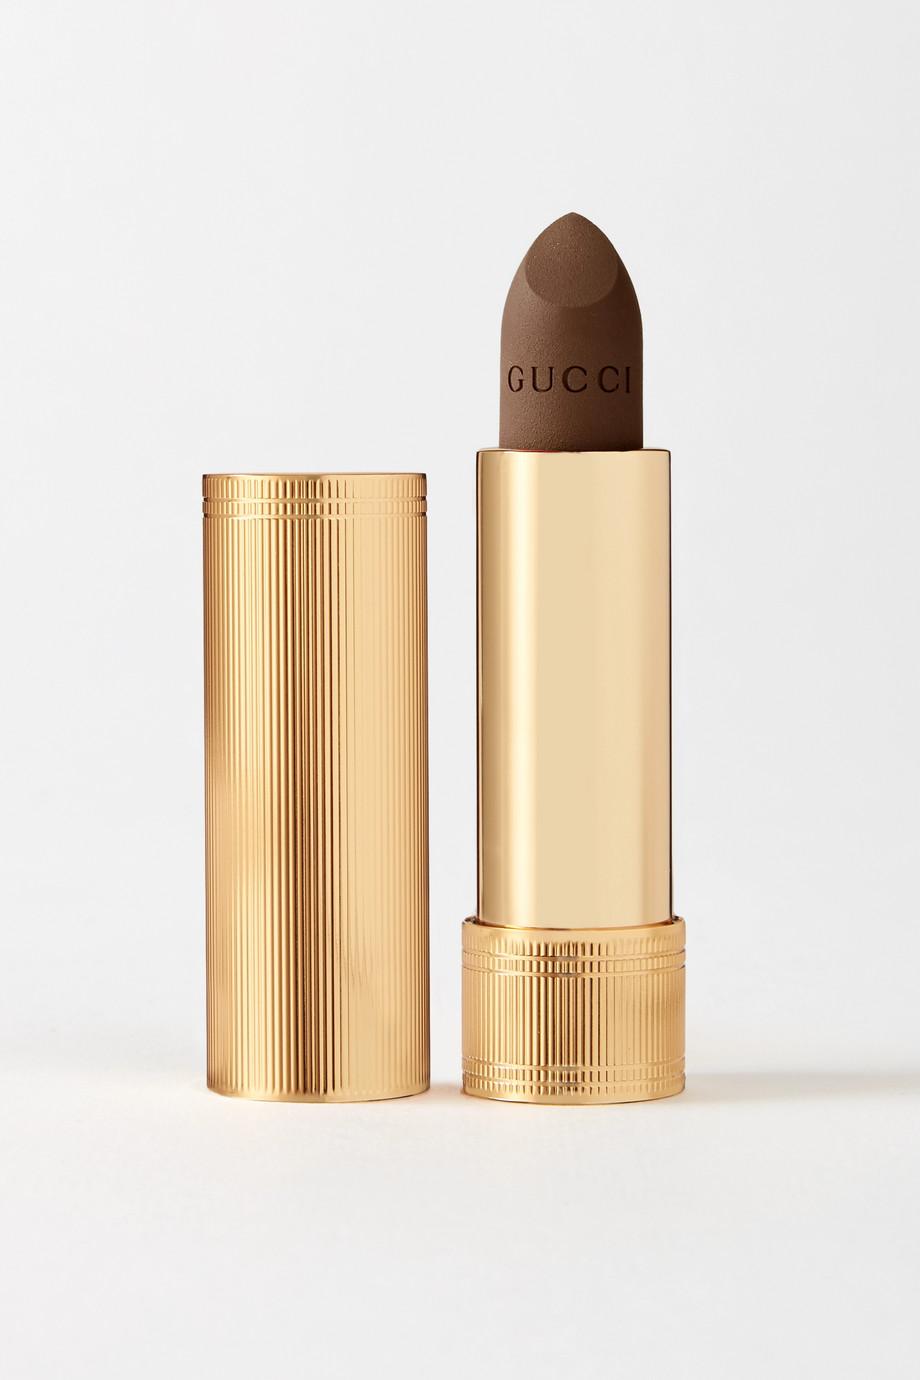 Gucci Beauty Rouge à Lèvres Mat Lipstick - Tacey Hazel 106